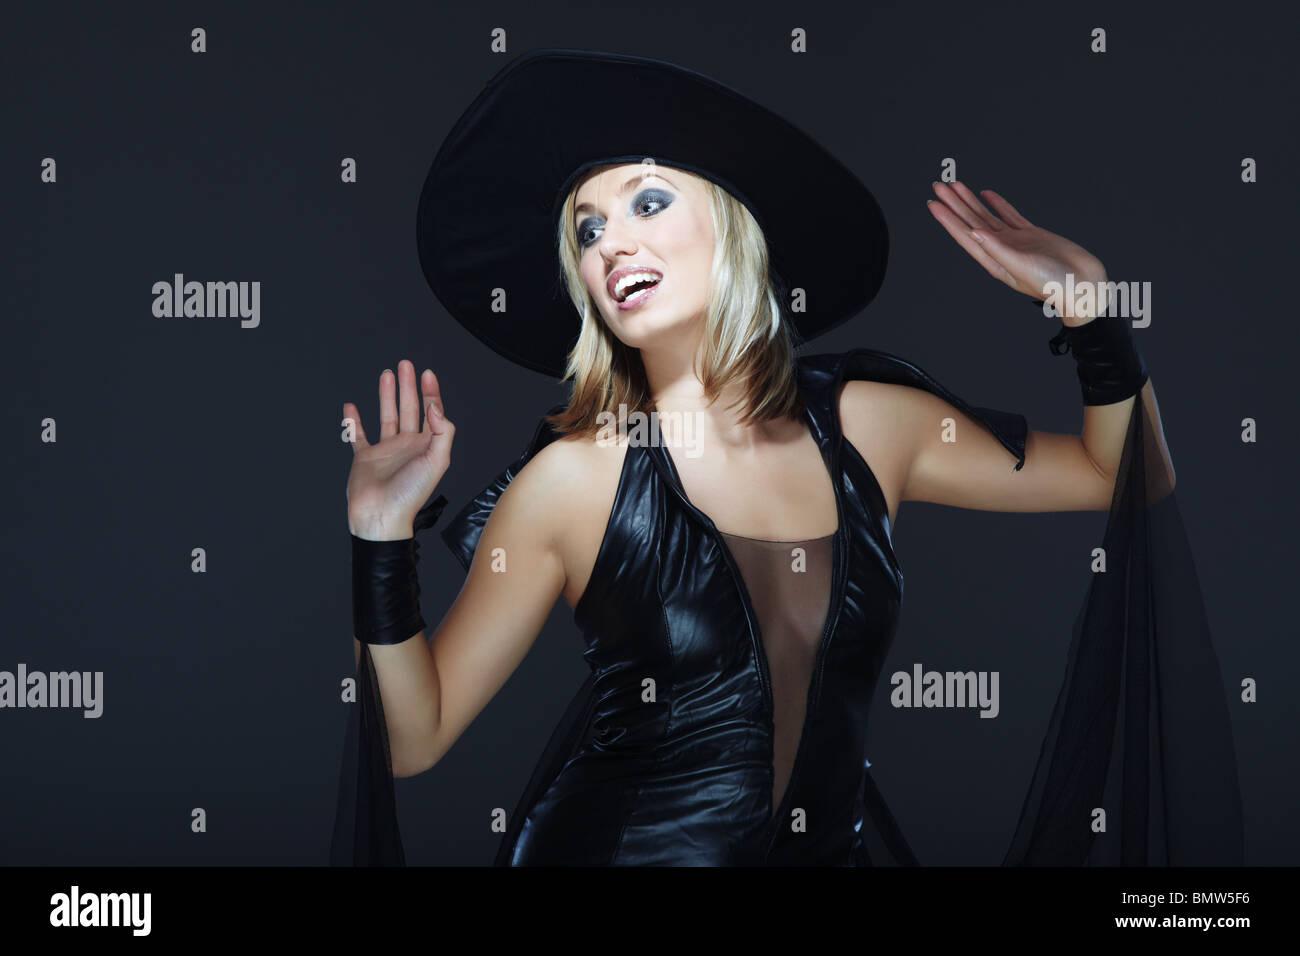 Lächelnde Dame in der Halloween Hexe Kostüm auf dunklem Hintergrund Stockbild